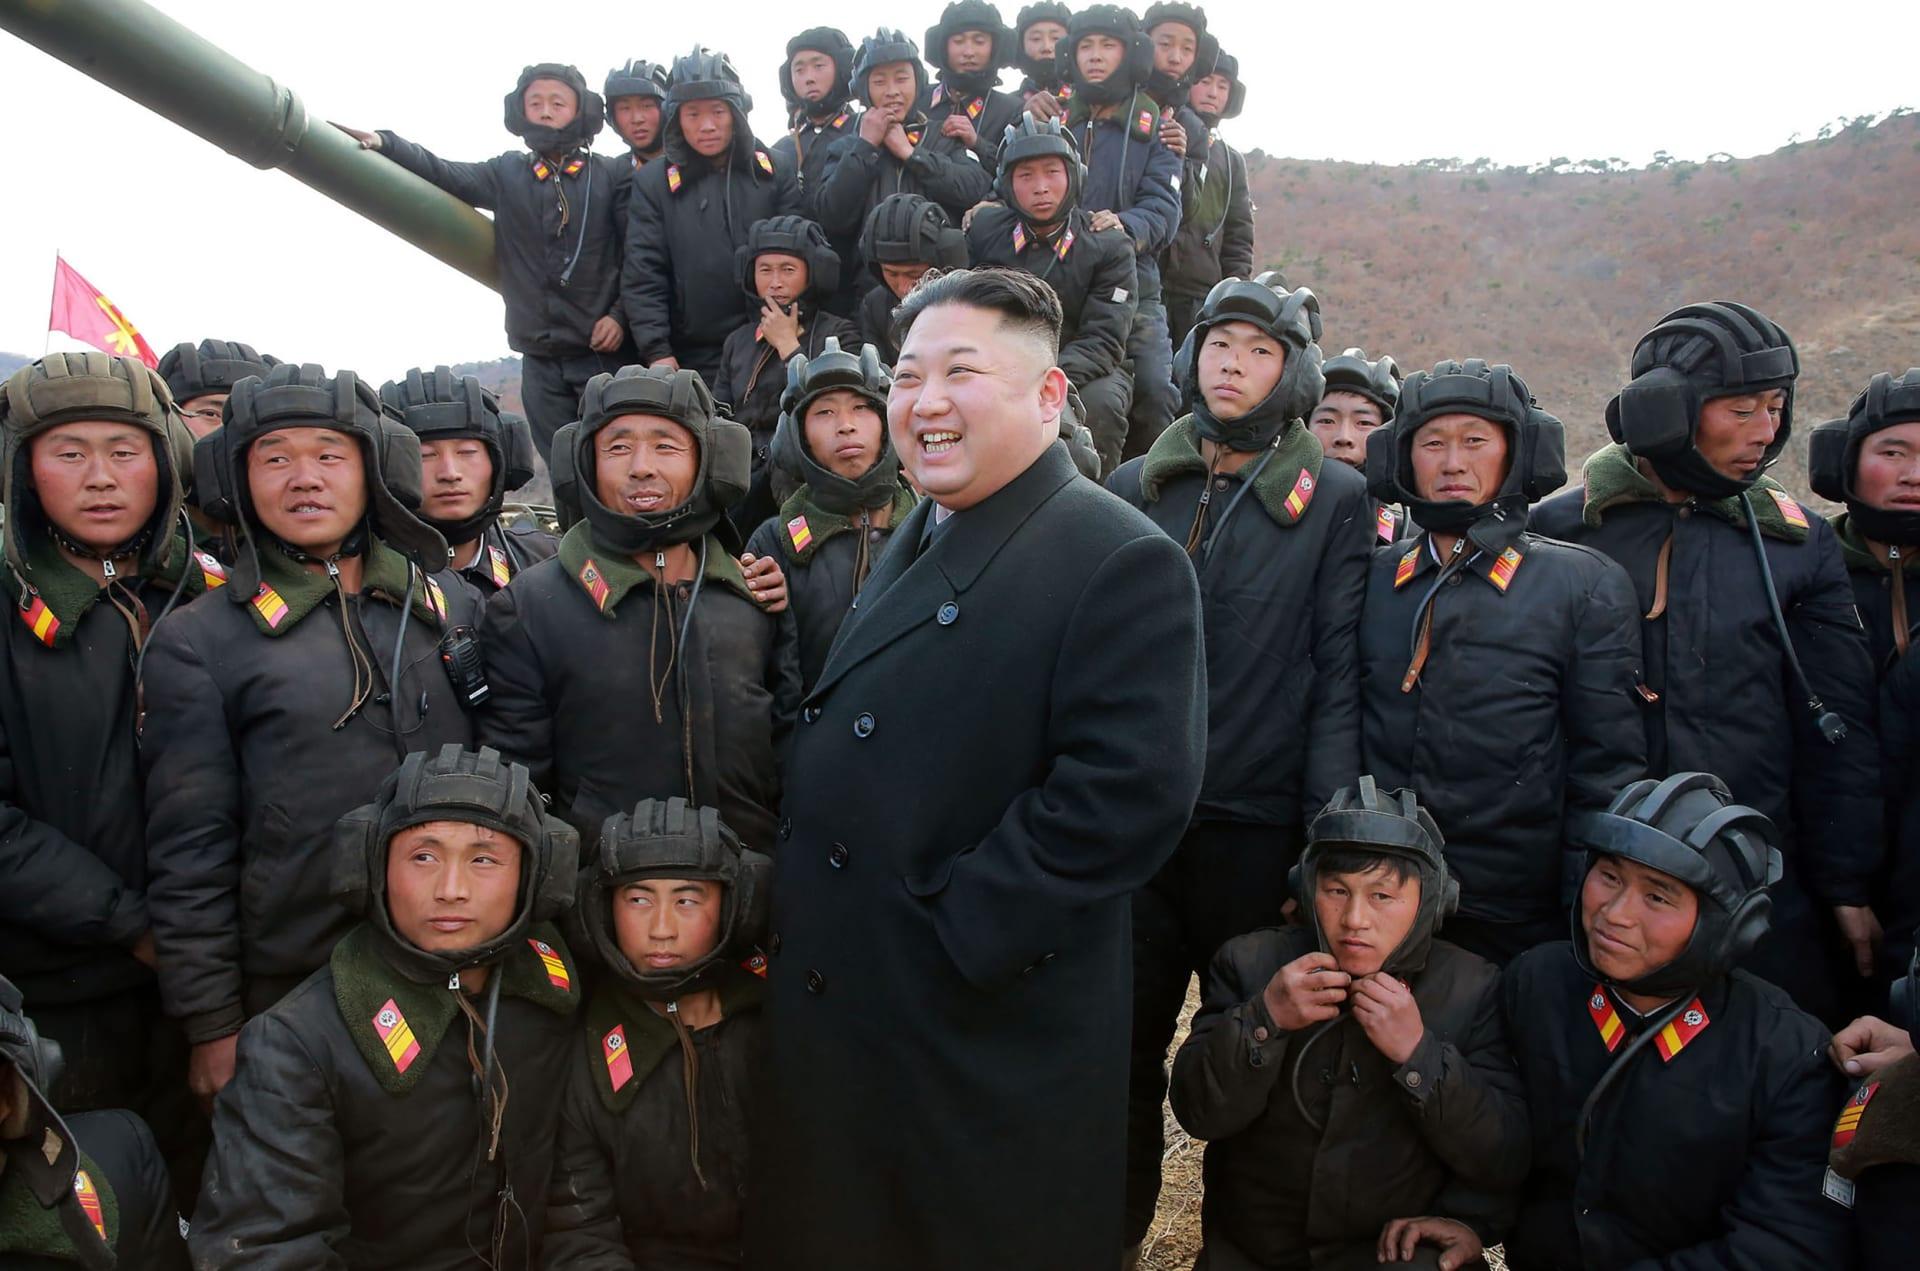 اليابان تحذر كوريا الشمالية من ضياع مستقبلها والجنوب يلجأ لروسيا